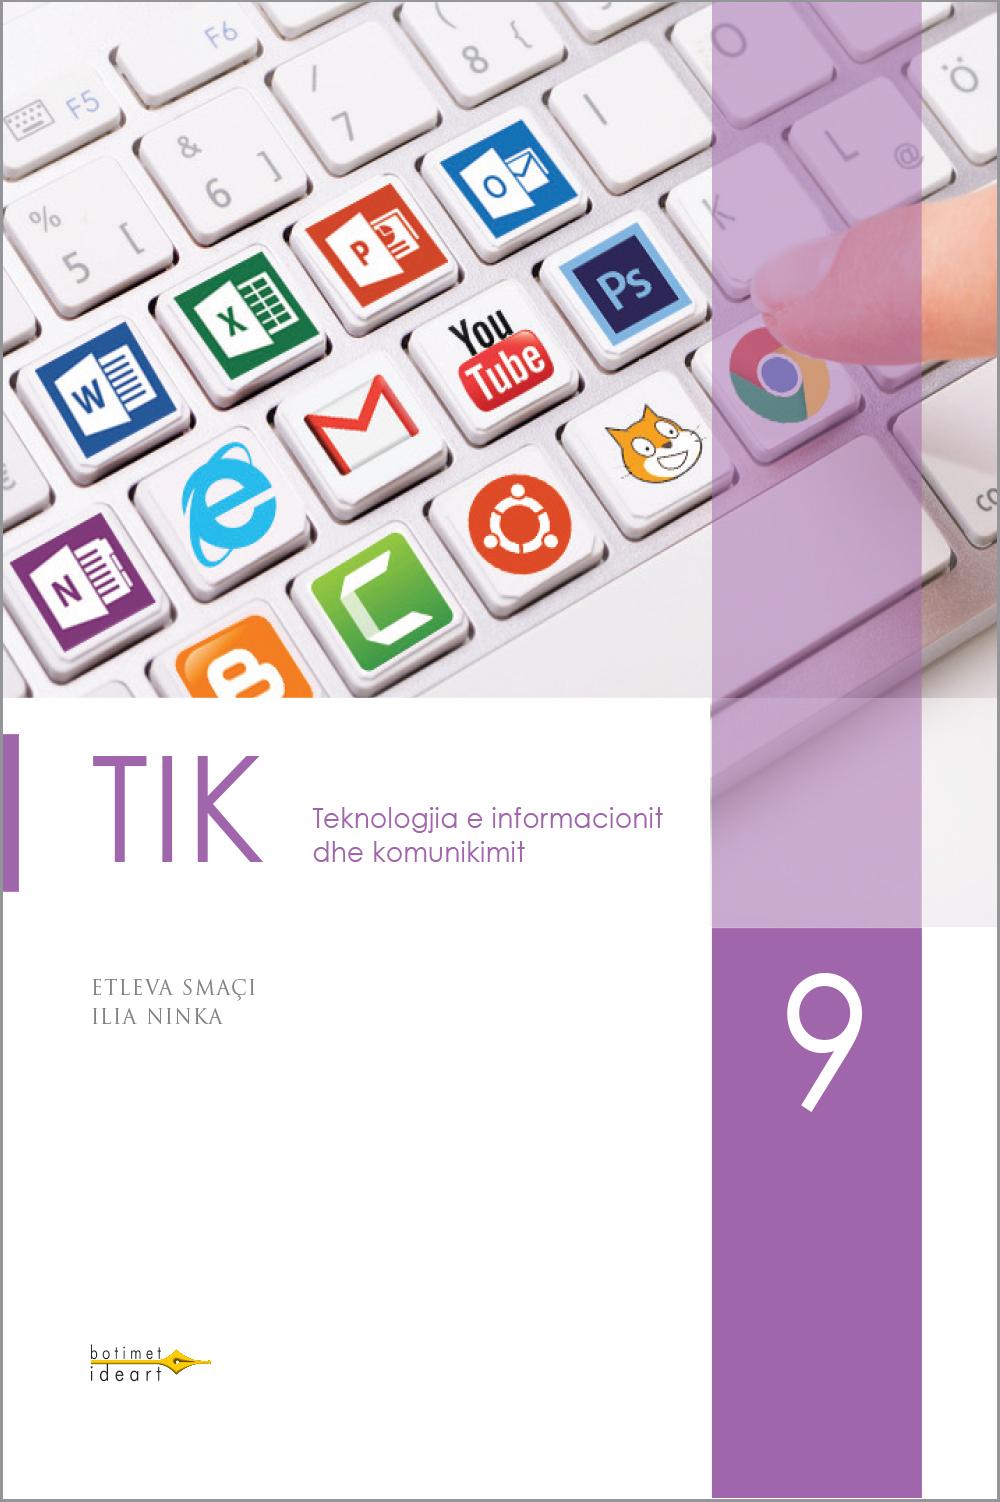 TIK 9